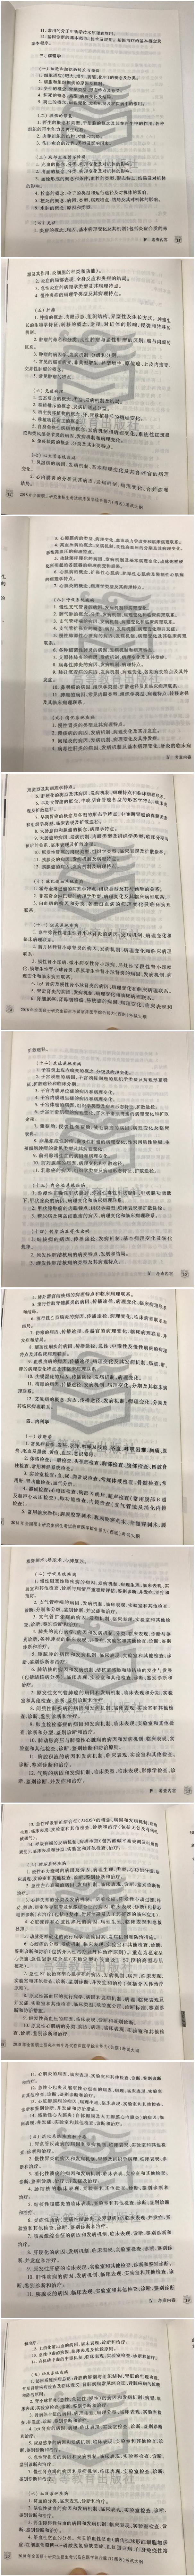 2019考研西医综合大纲原文(完整版)